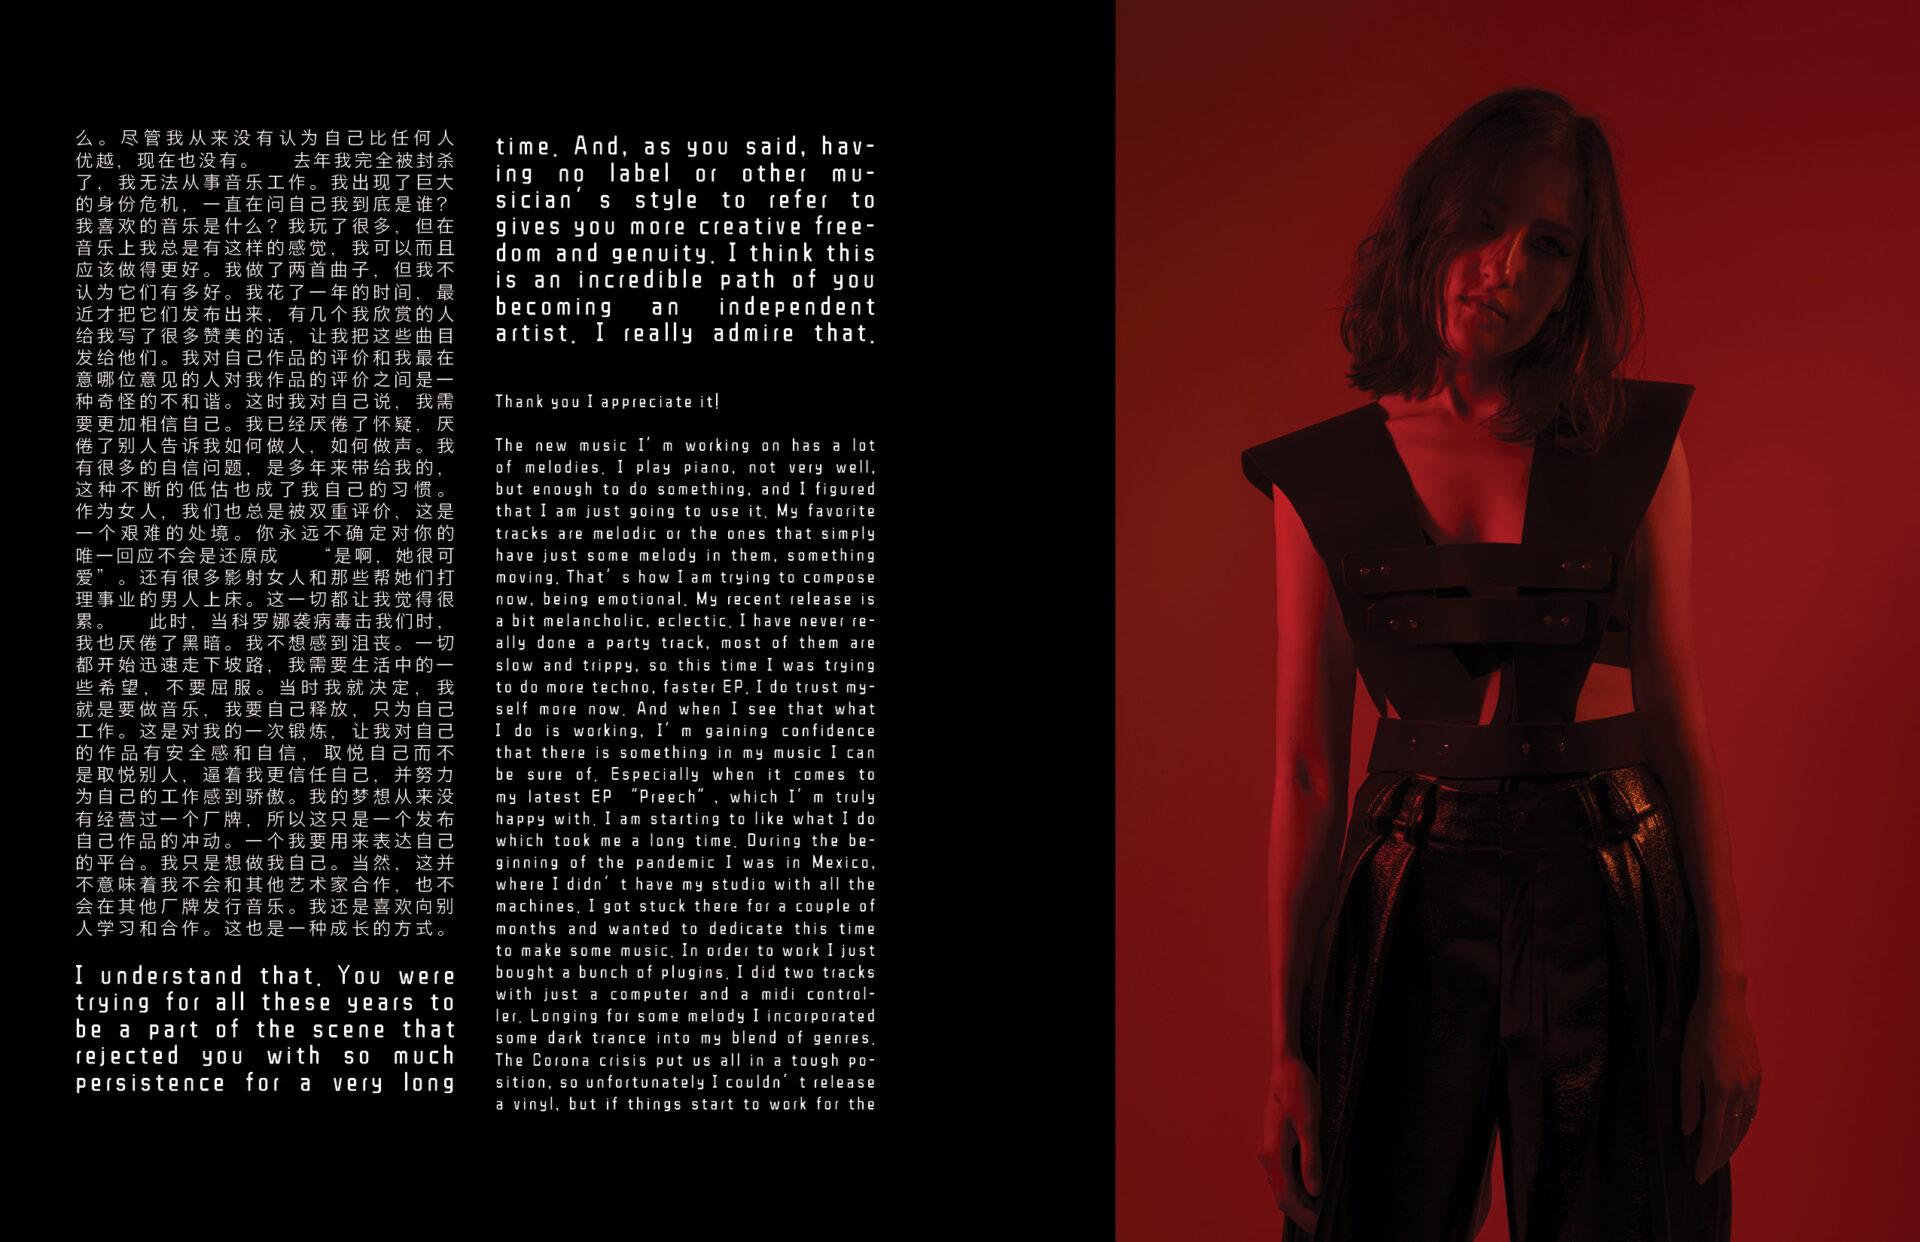 LOKIER photos by Grzegorz Bacinski & Izabella Chrobok and interview by Anka Pitu for KEYI Magazine Berlin